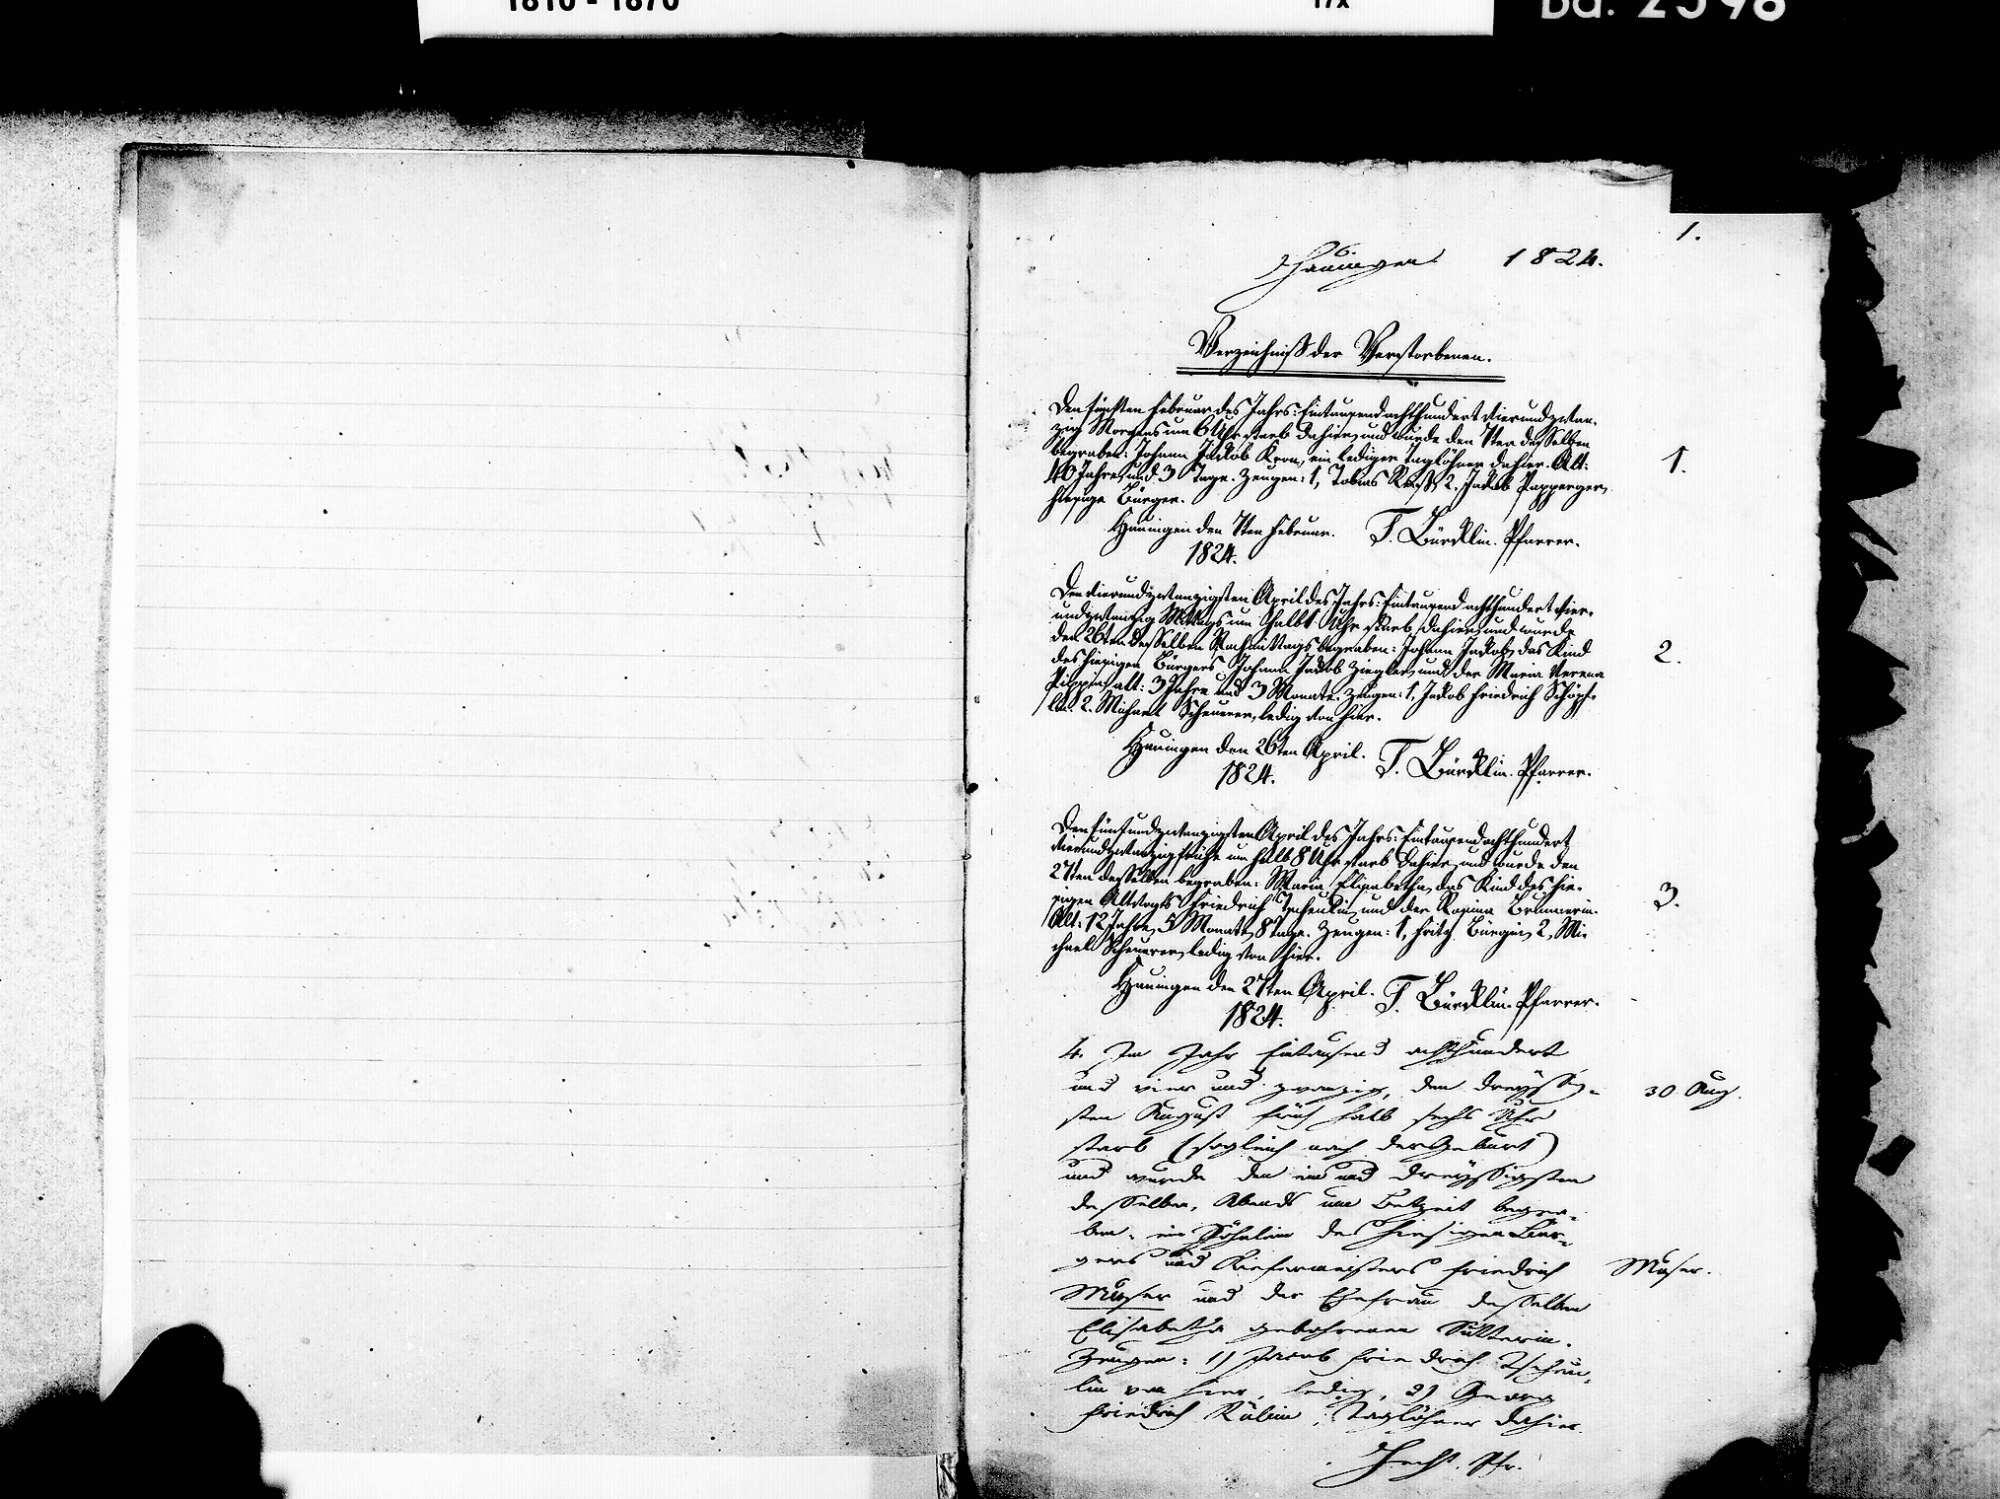 Hauingen, Lörrach LÖ; Evangelische Gemeinde: Heiratsbuch 1824-1869 Hauingen, Lörrach LÖ; Evangelische Gemeinde: Geburtenbuch 1855, Bild 3